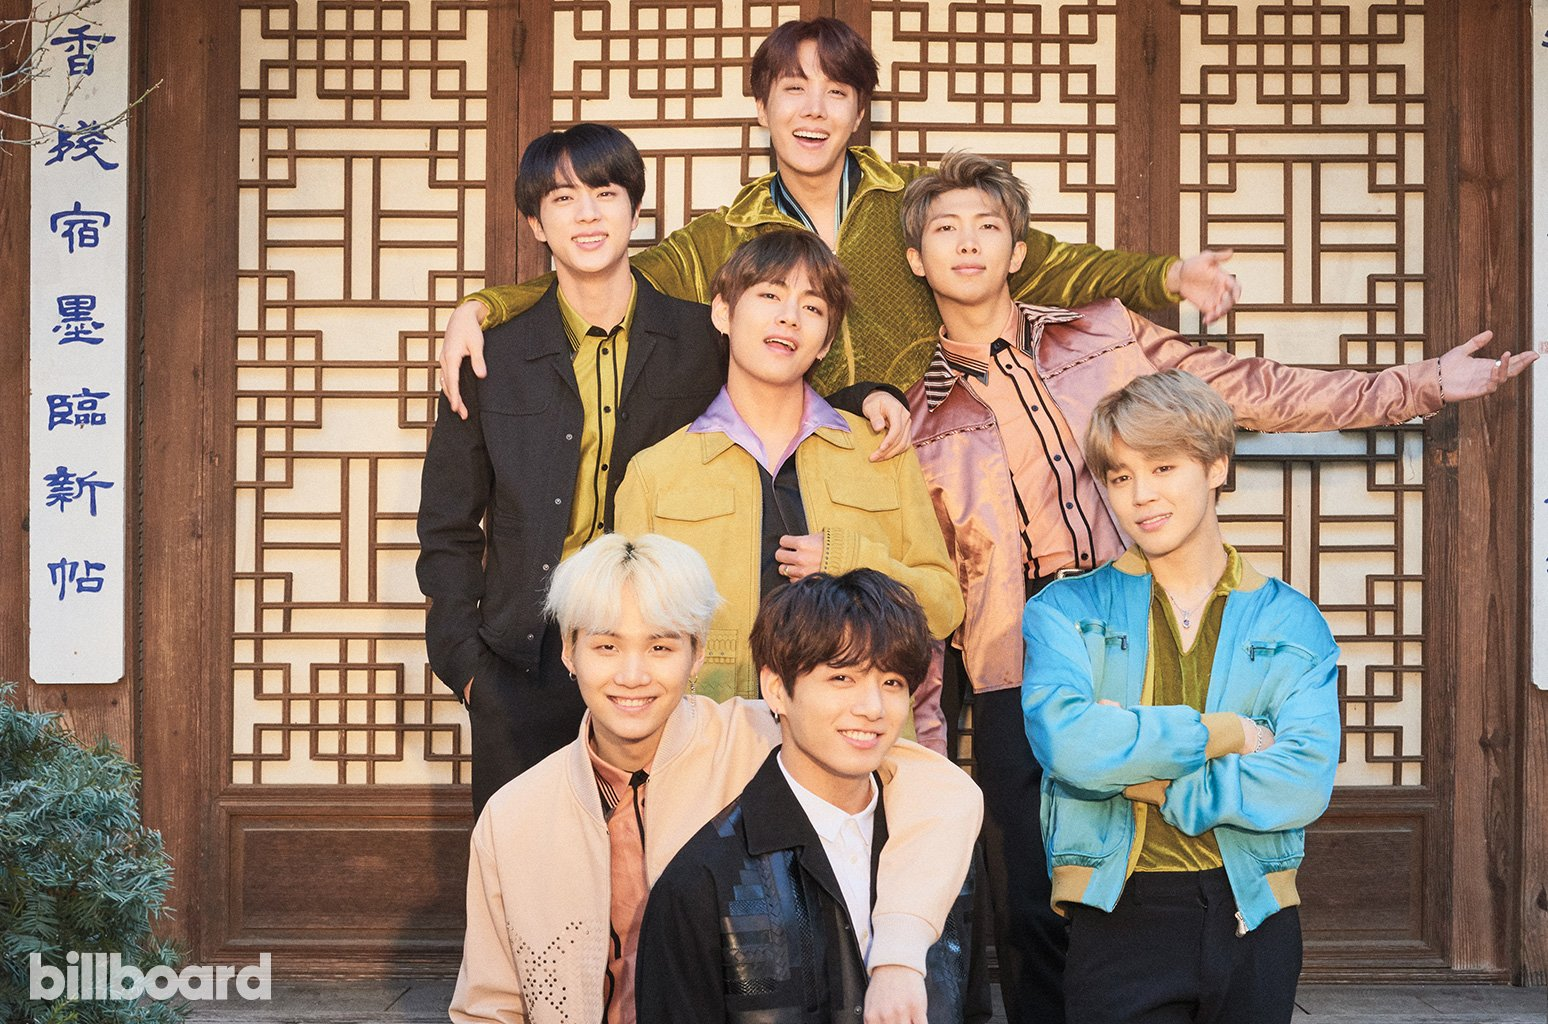 BTS, EXO, Wanna One & Got7 help make K-pop history in the top 10 of the Social 50 chart https://t.co/iEEtBlgveG https://t.co/Xw4BovkGfP